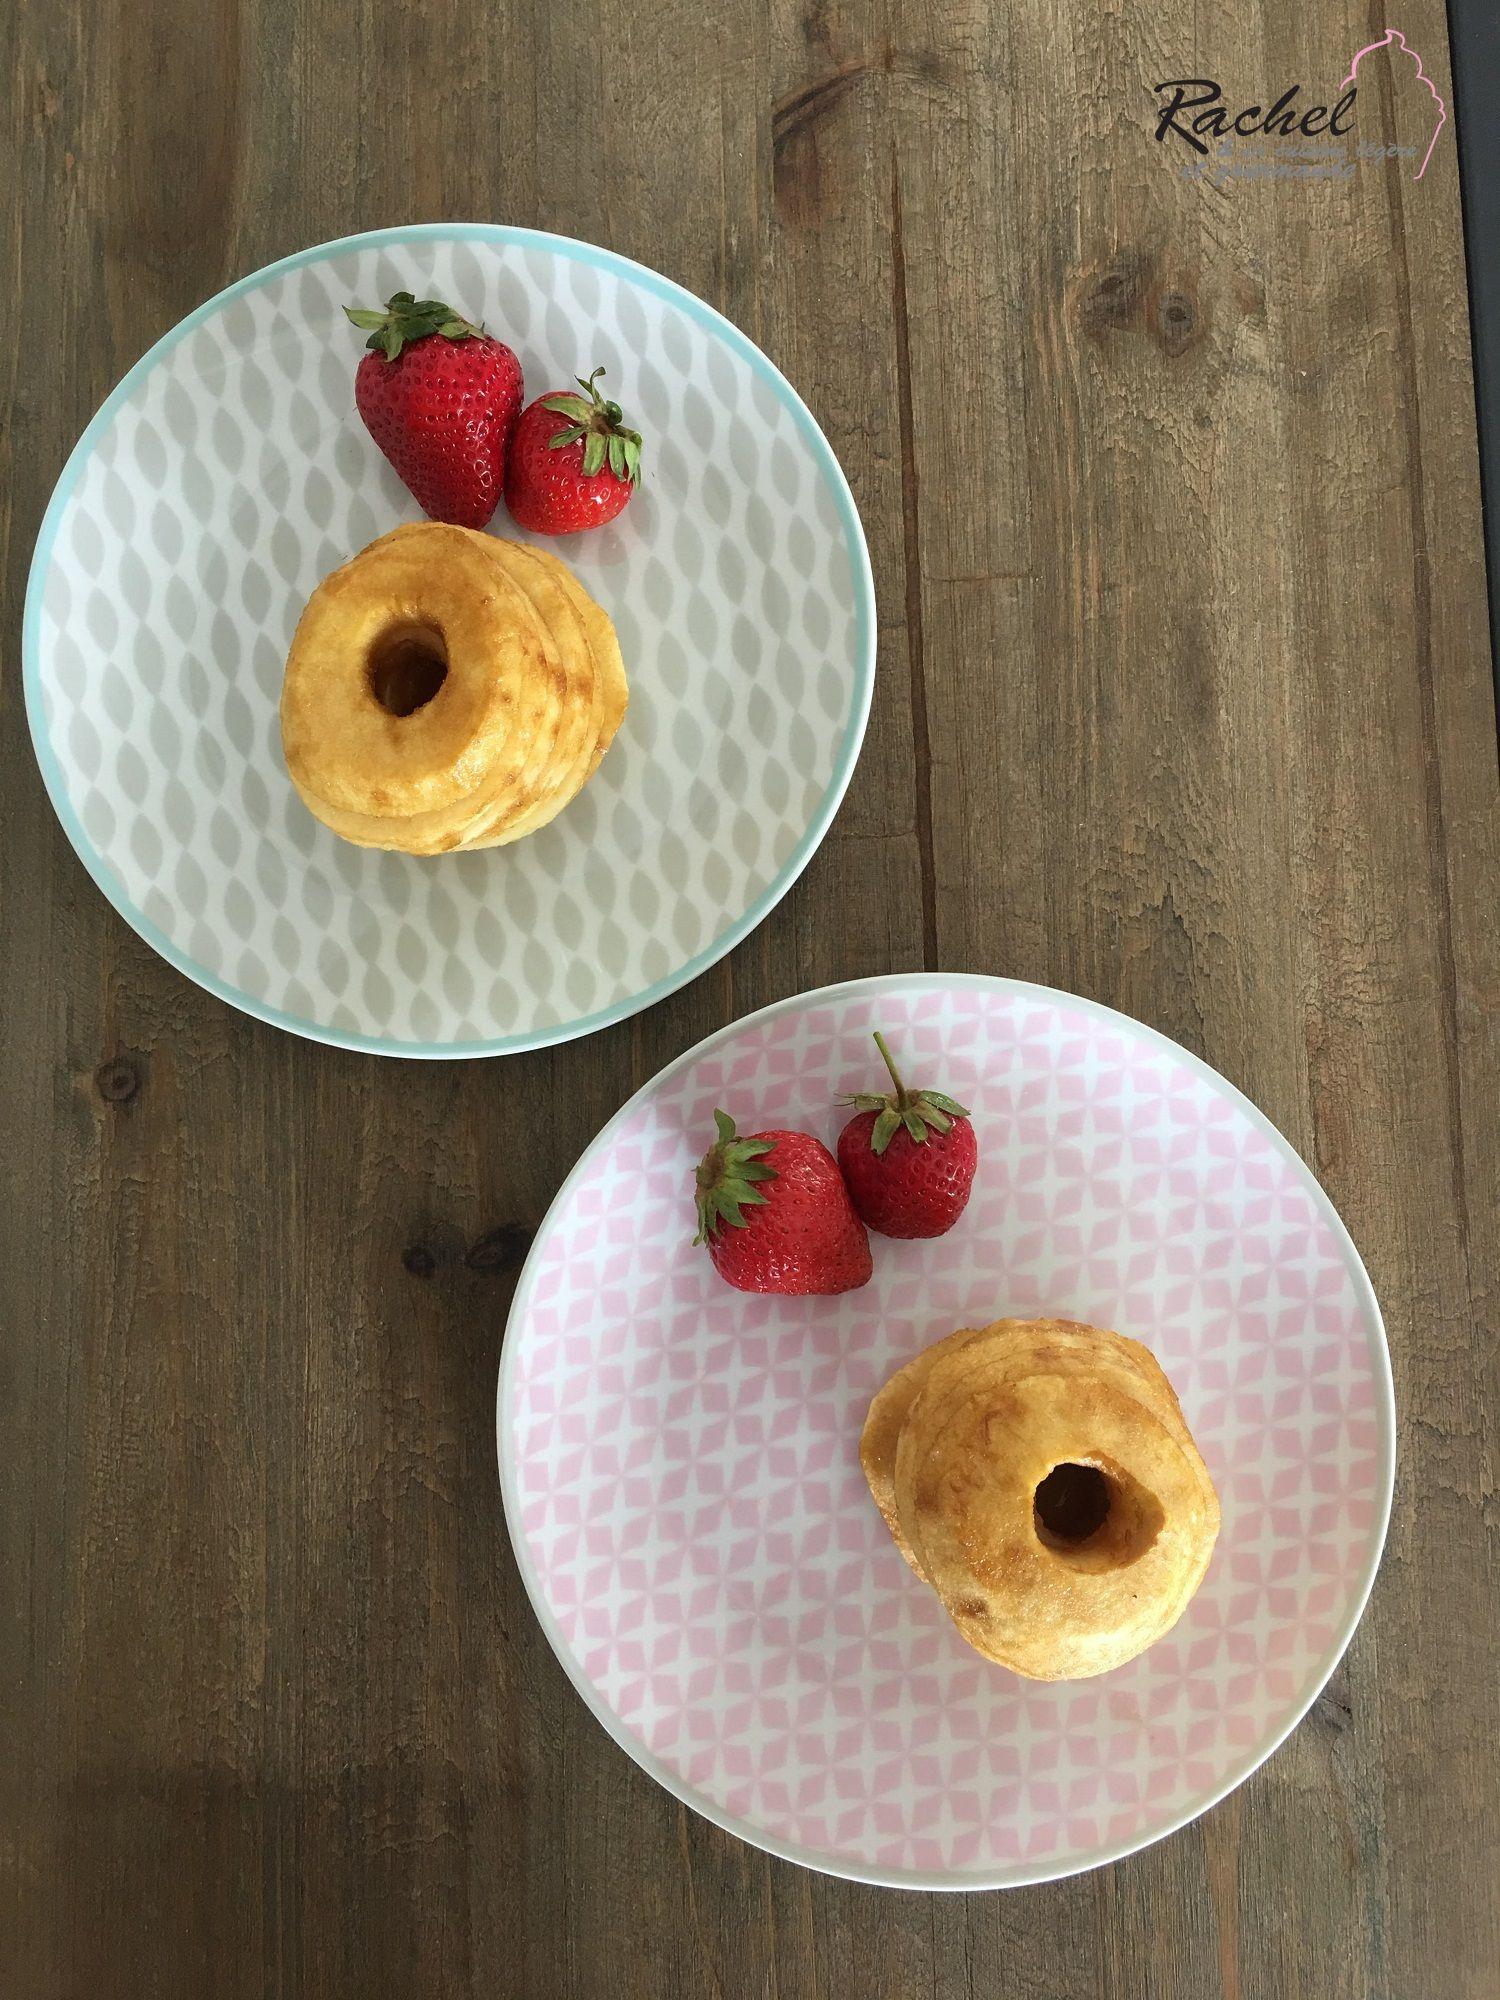 Pomme l g re au four dessert aux fruits l gers weight watchers pinterest pomme cuisine - Cuisine legere au quotidien ...